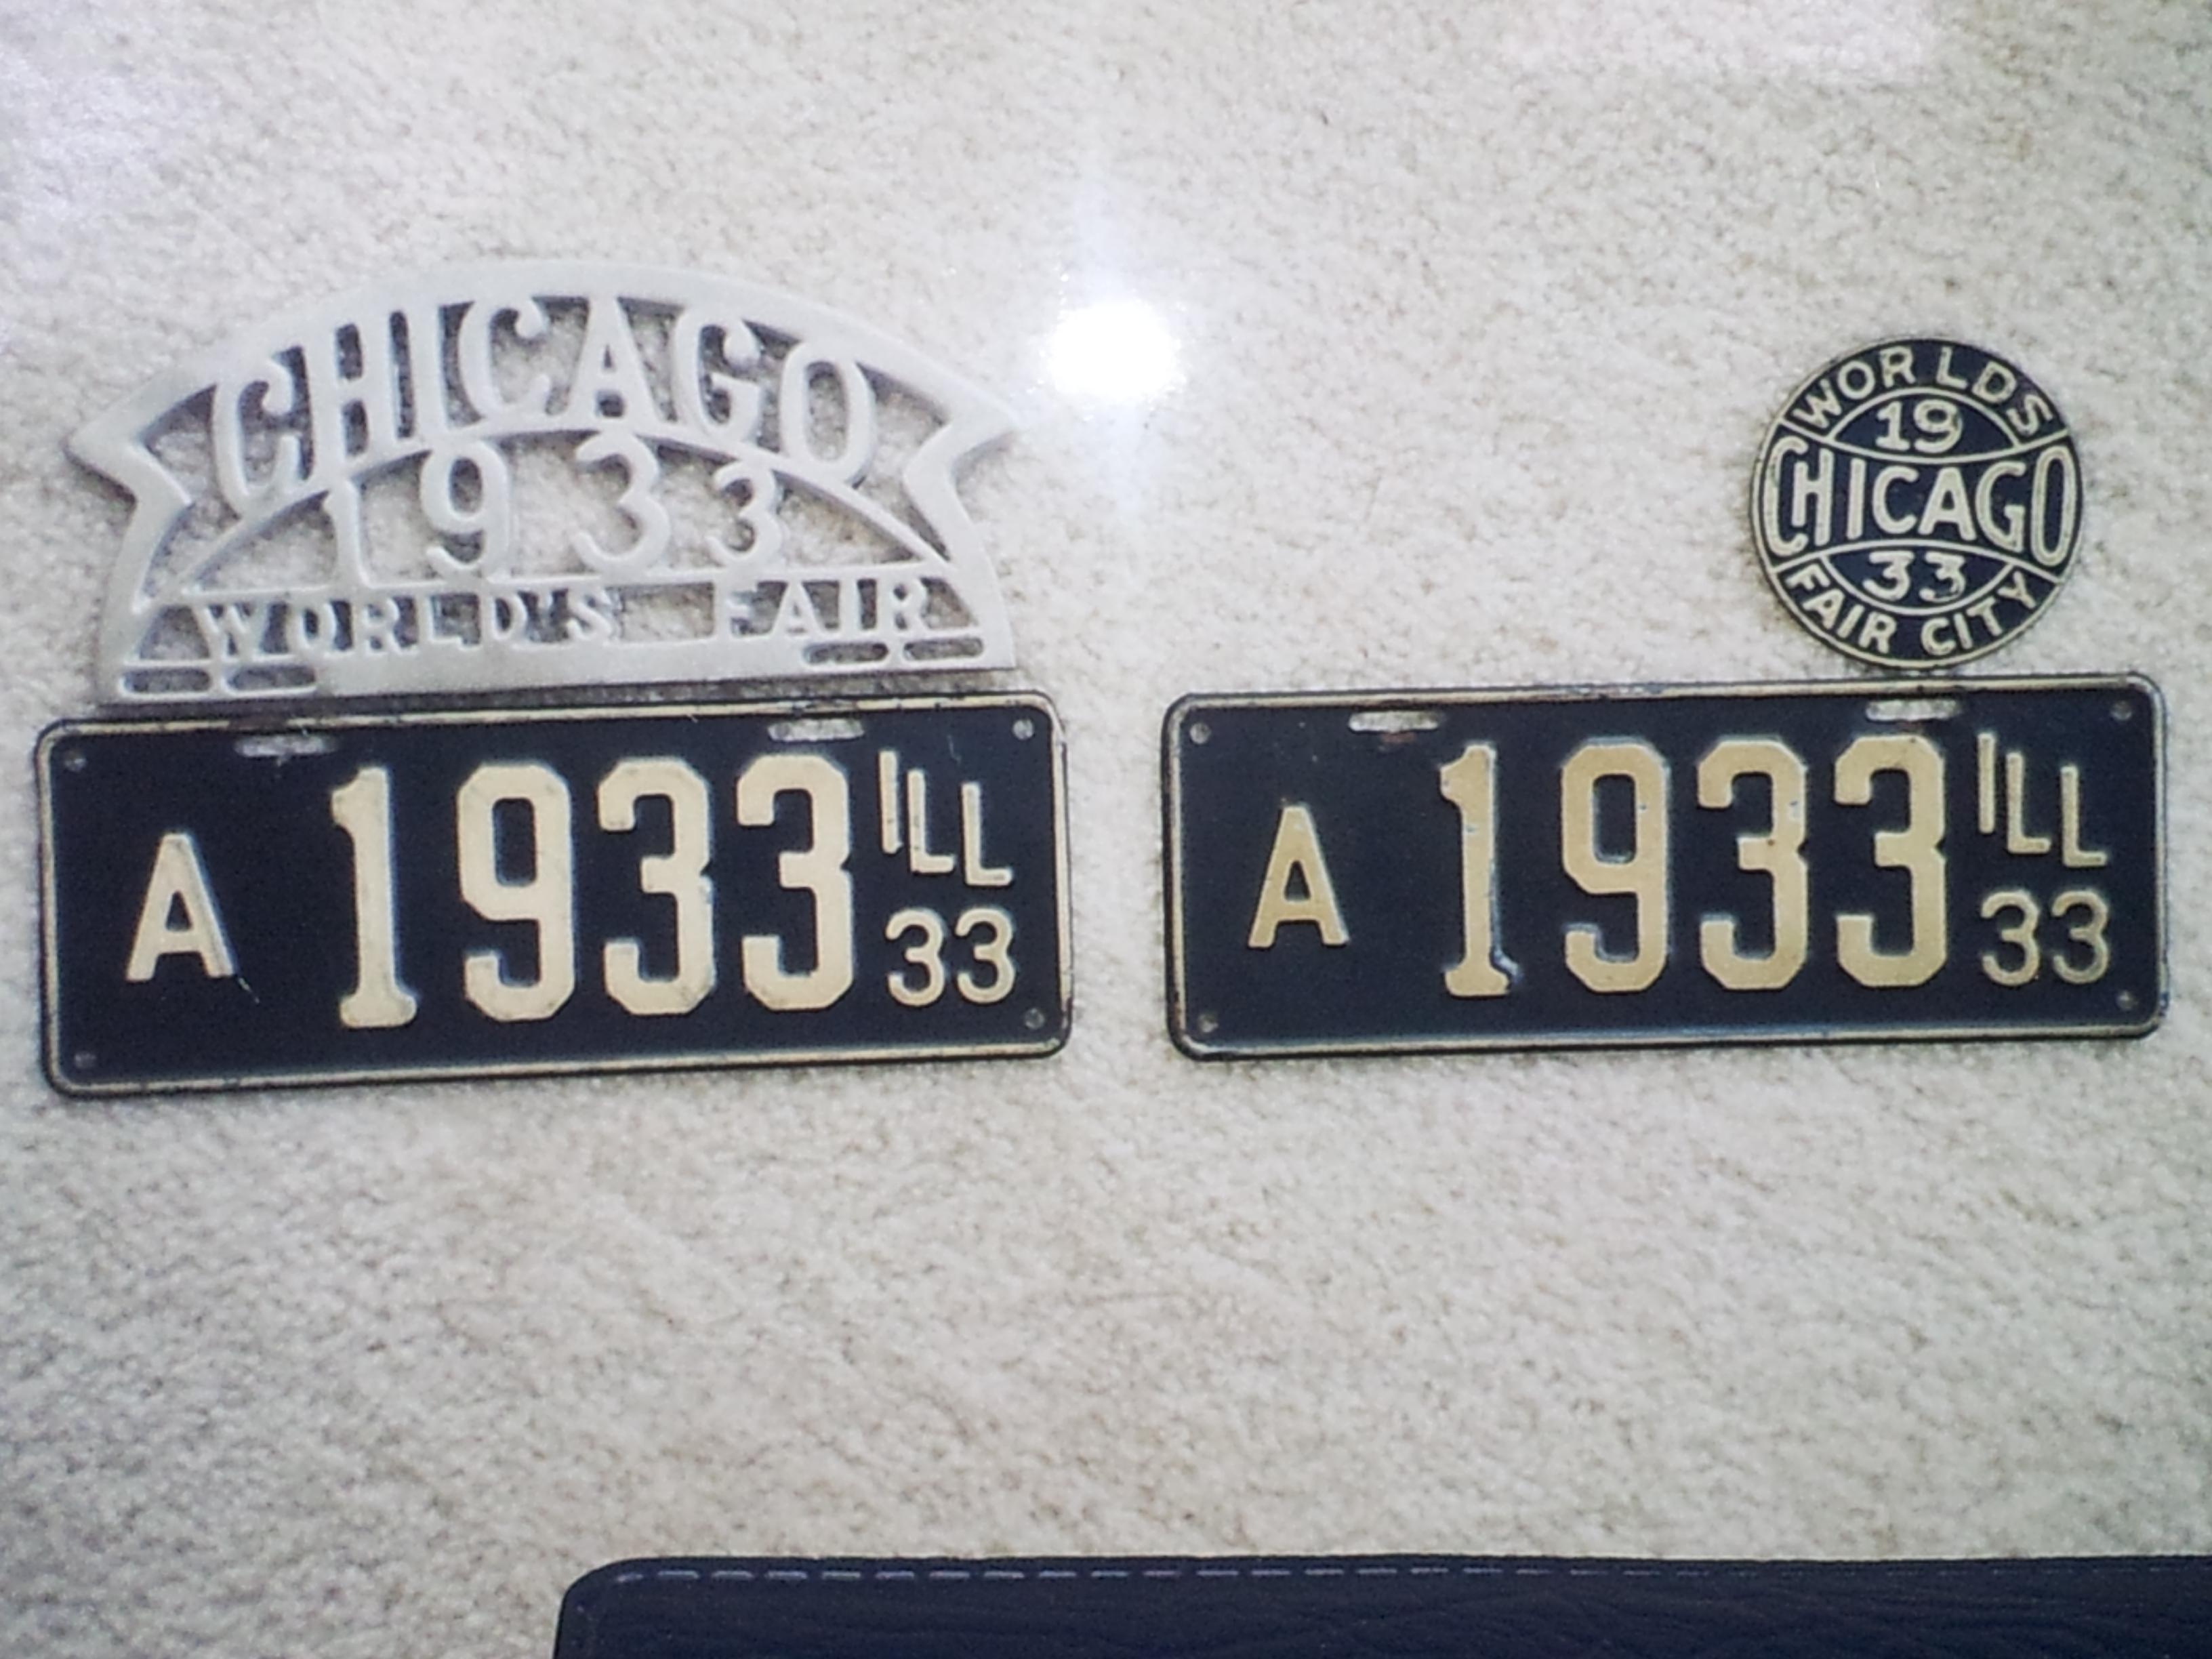 1933 ILL License Plates.jpg